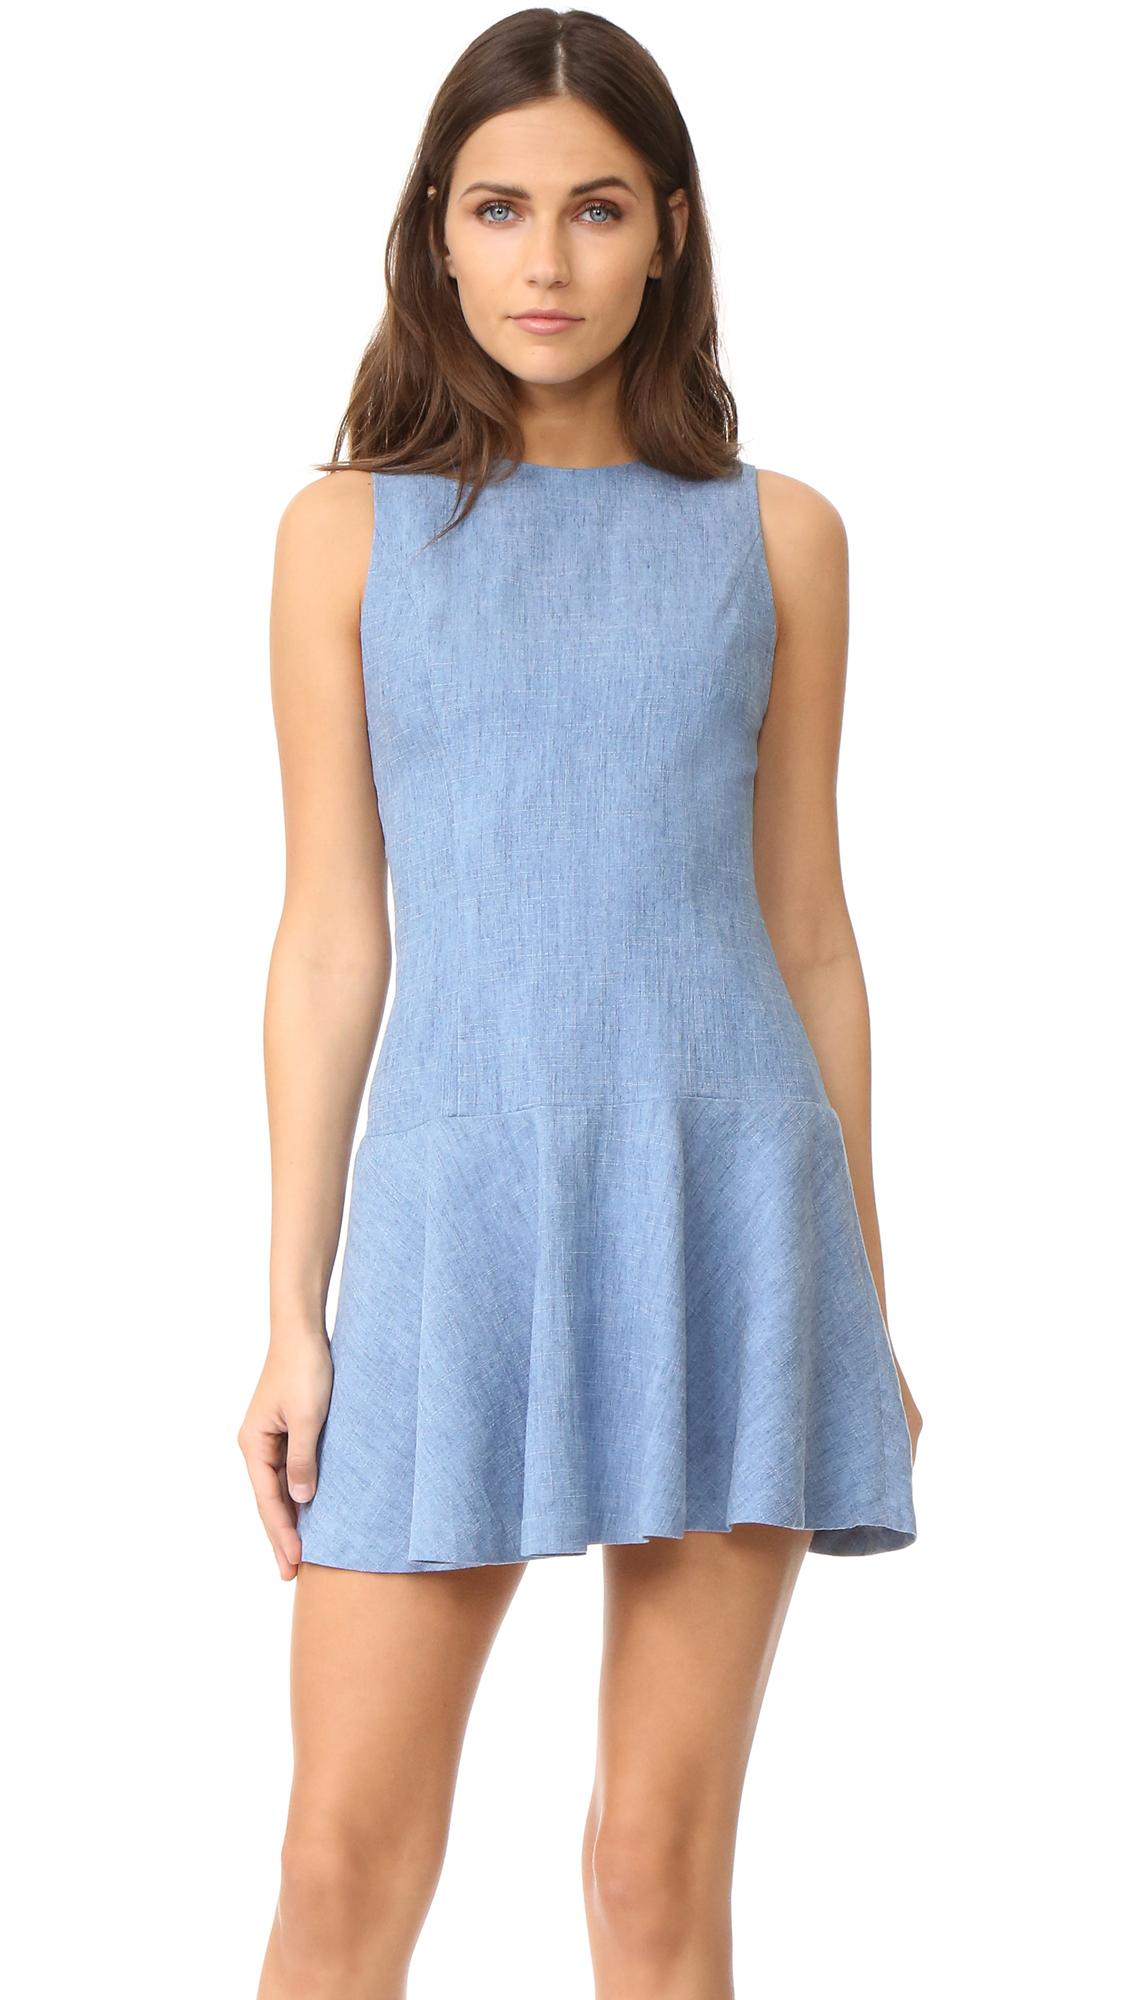 Alice + Olivia Elida Drop Waist Sleeveless Dress - Light Chambray at Shopbop